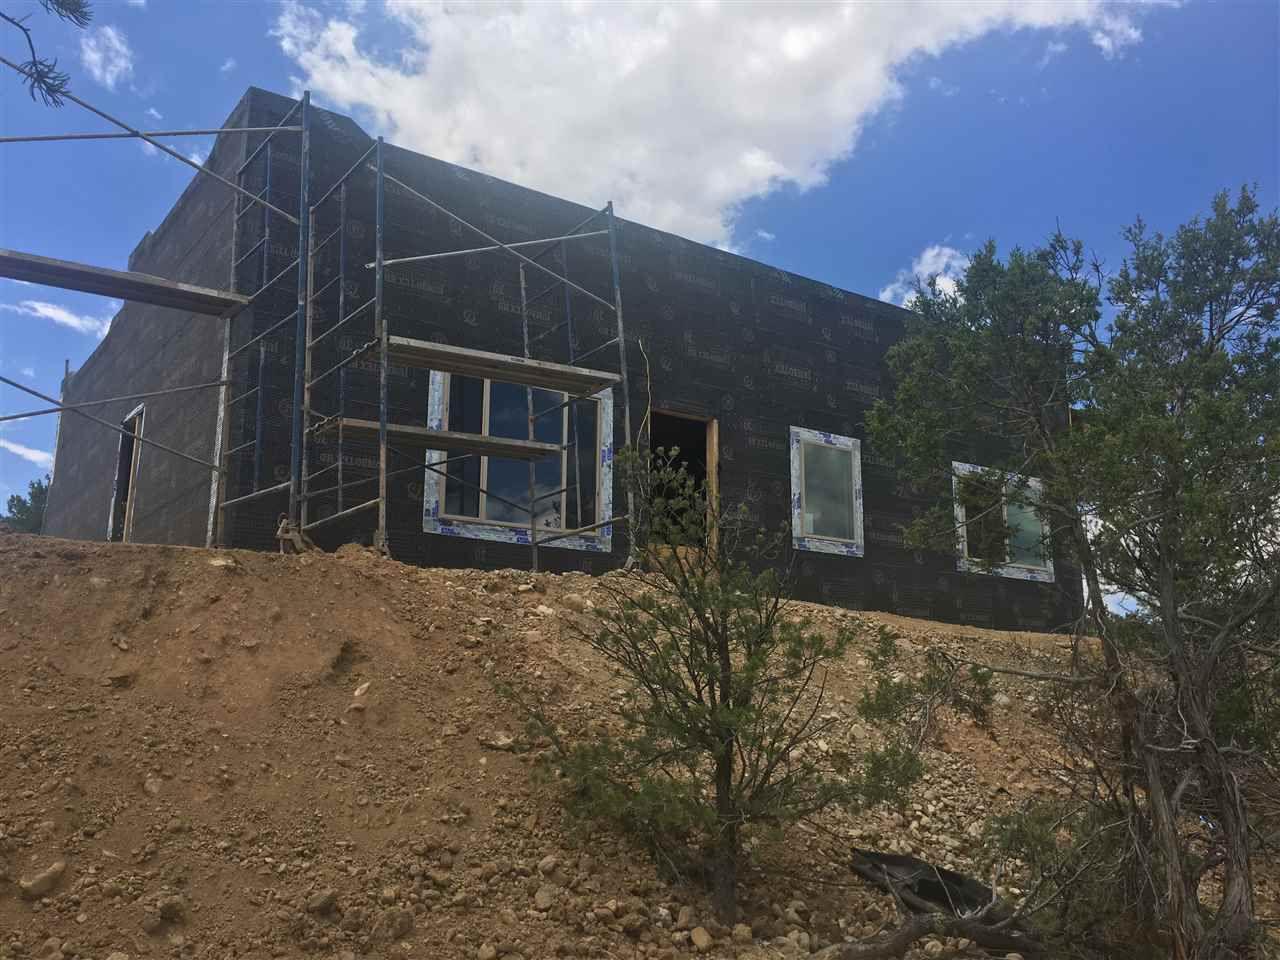 New mexico taos county llano - Calle De Llano 22